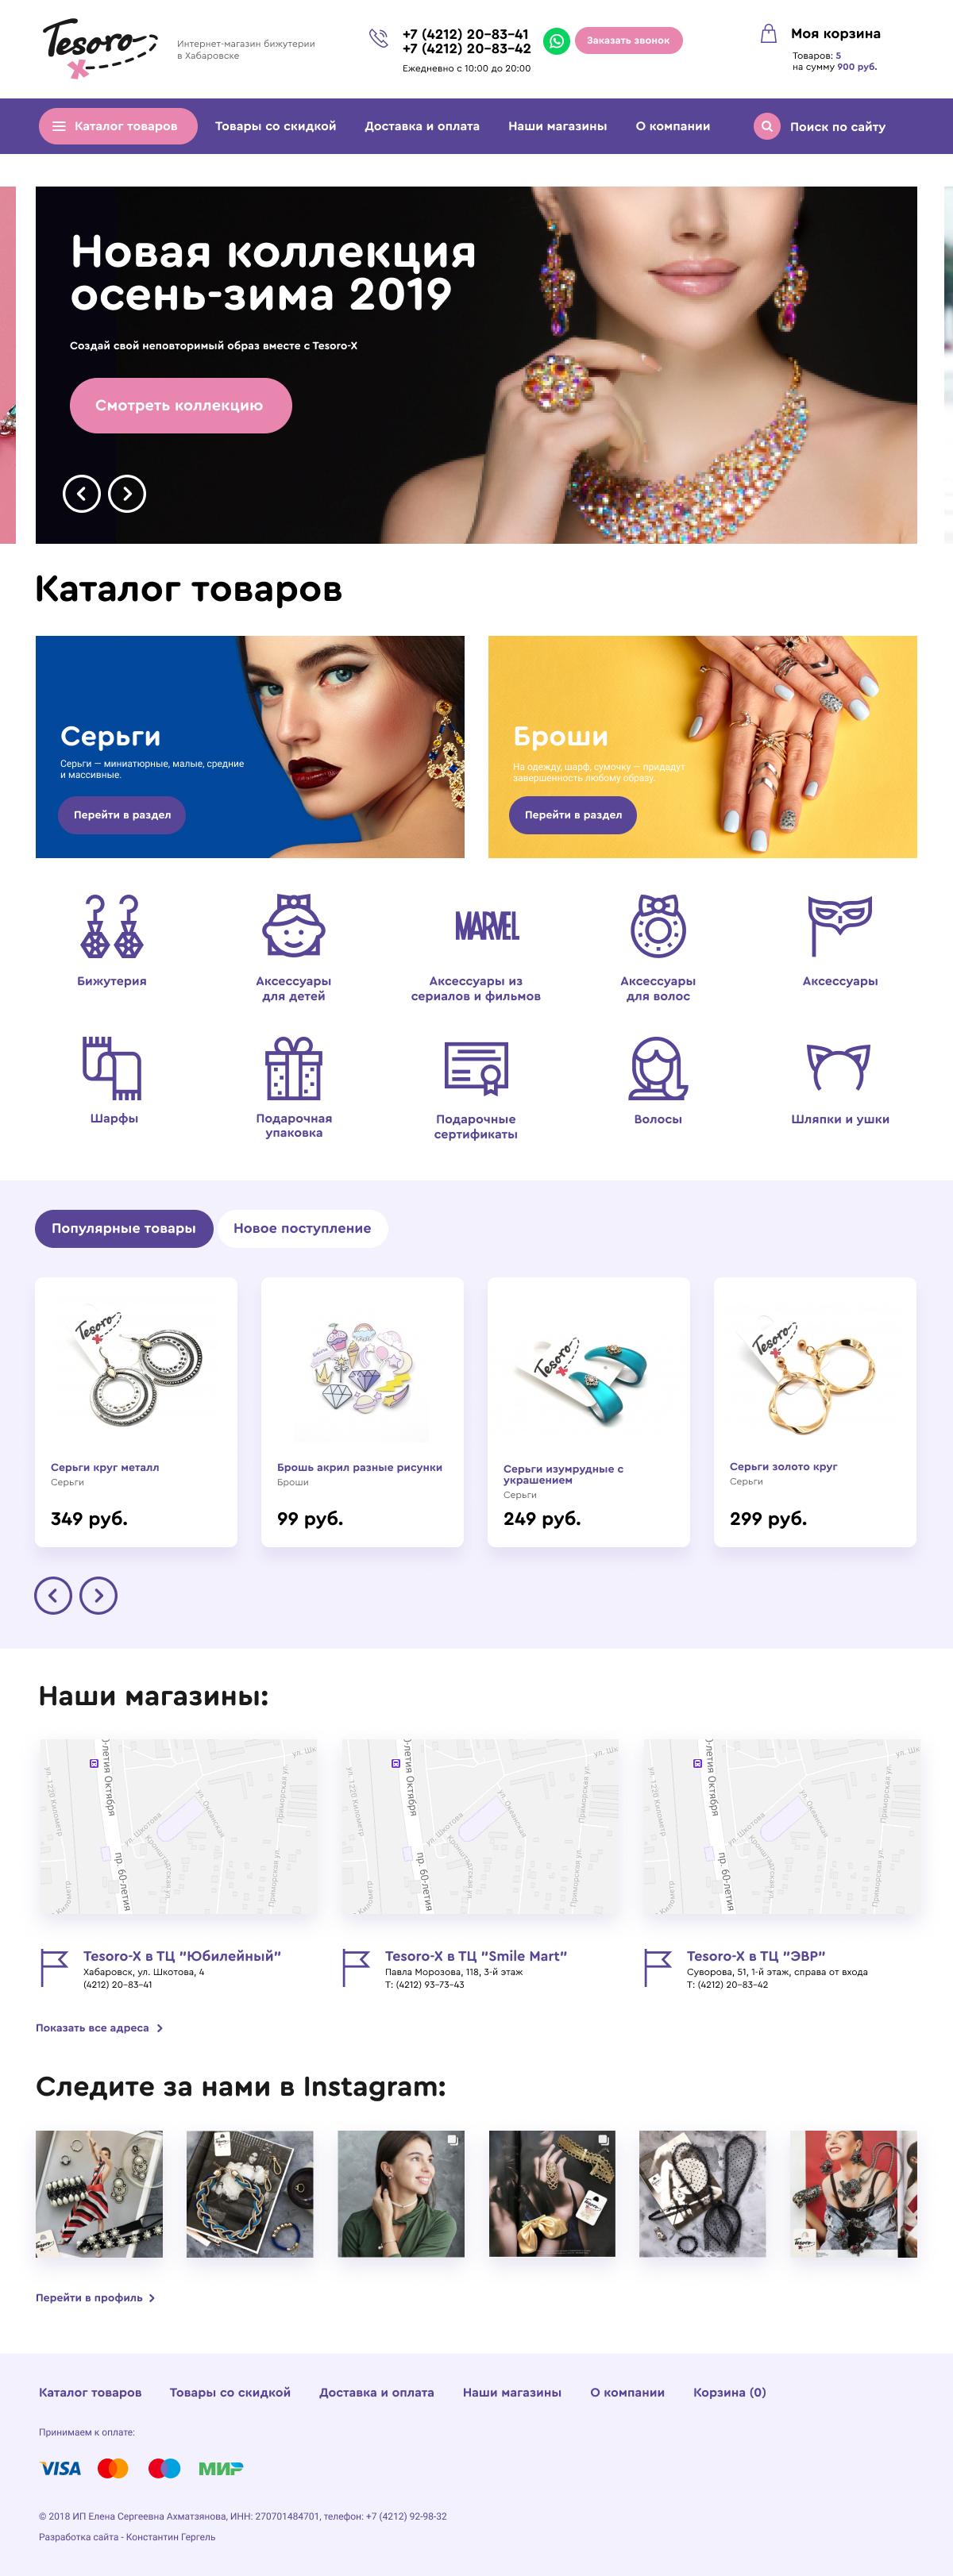 Интернет-магазин бижютерии для сети магазинов